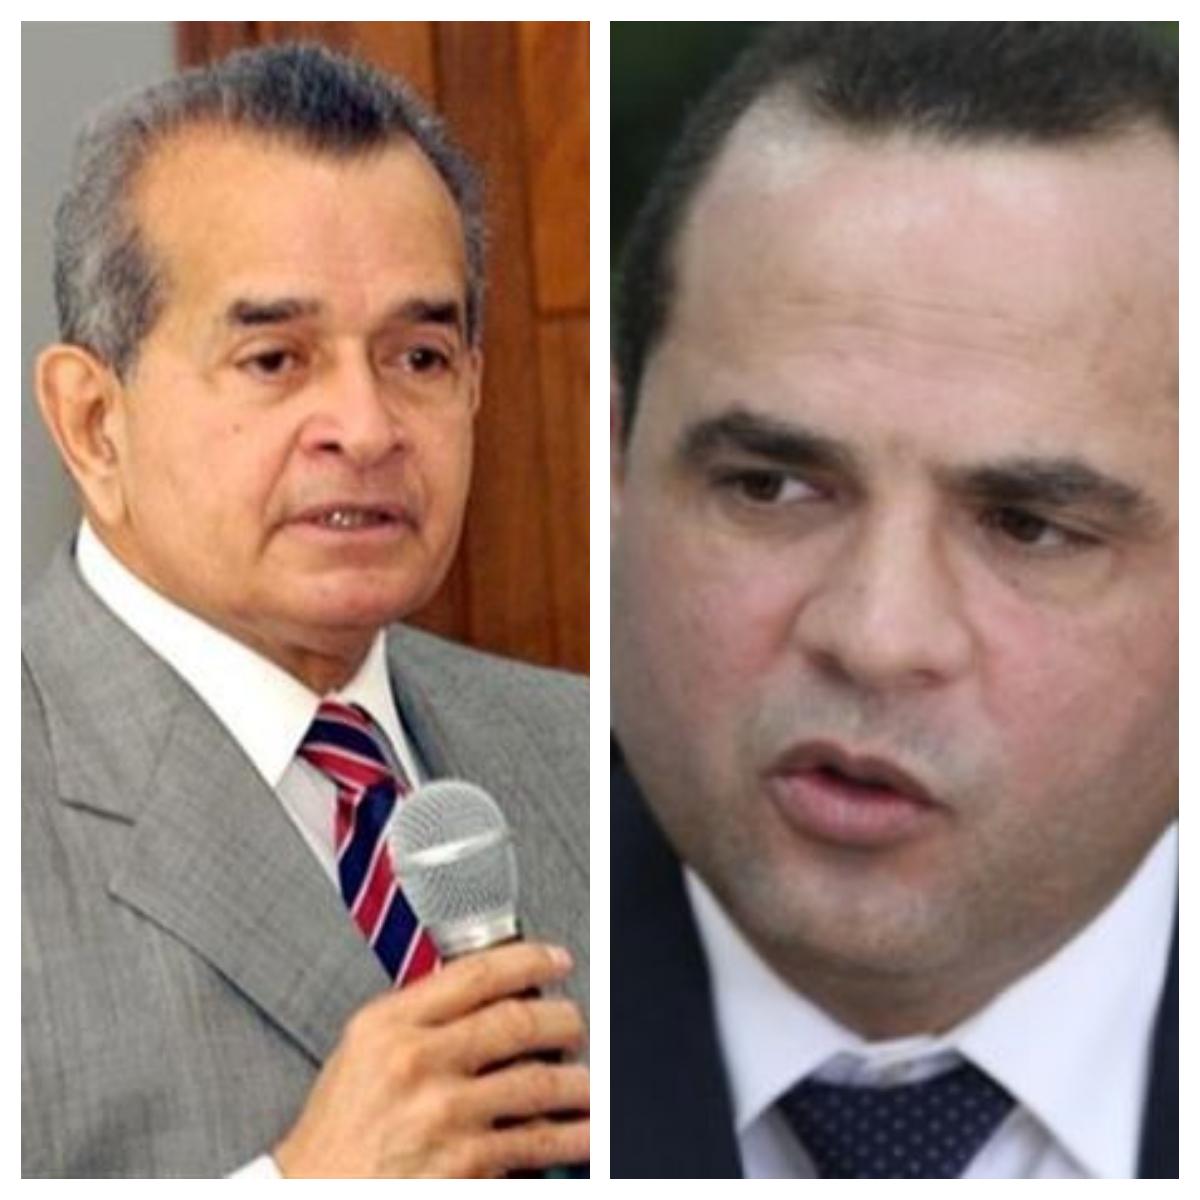 Fuerza del Pueblo solicitan acreditación de Almeyda y Manuel Crespo ante la JCE